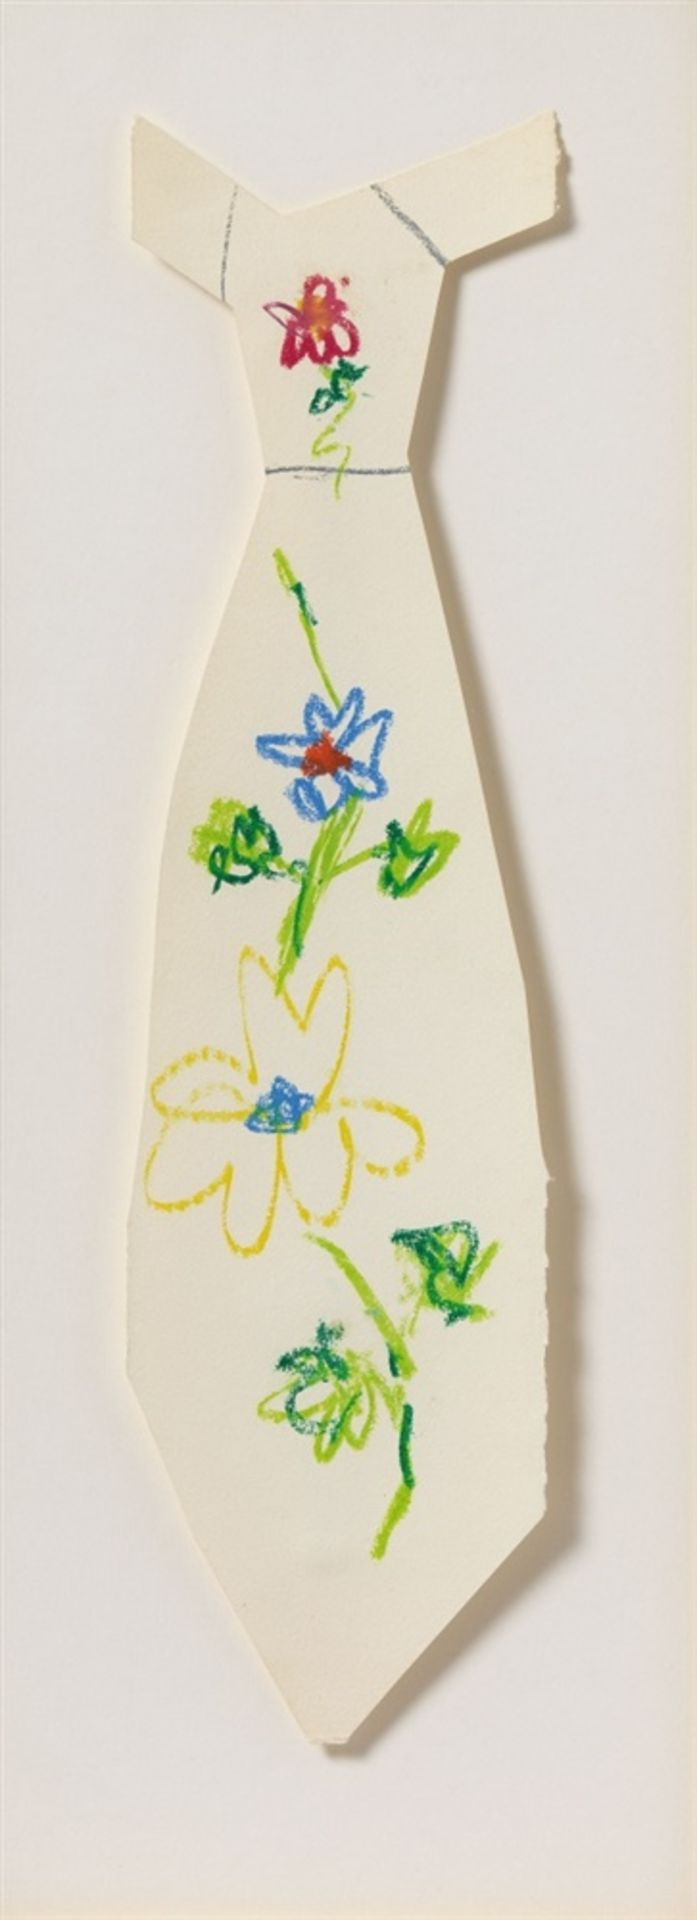 Pablo PicassoProjet pour un cravate à fleurs